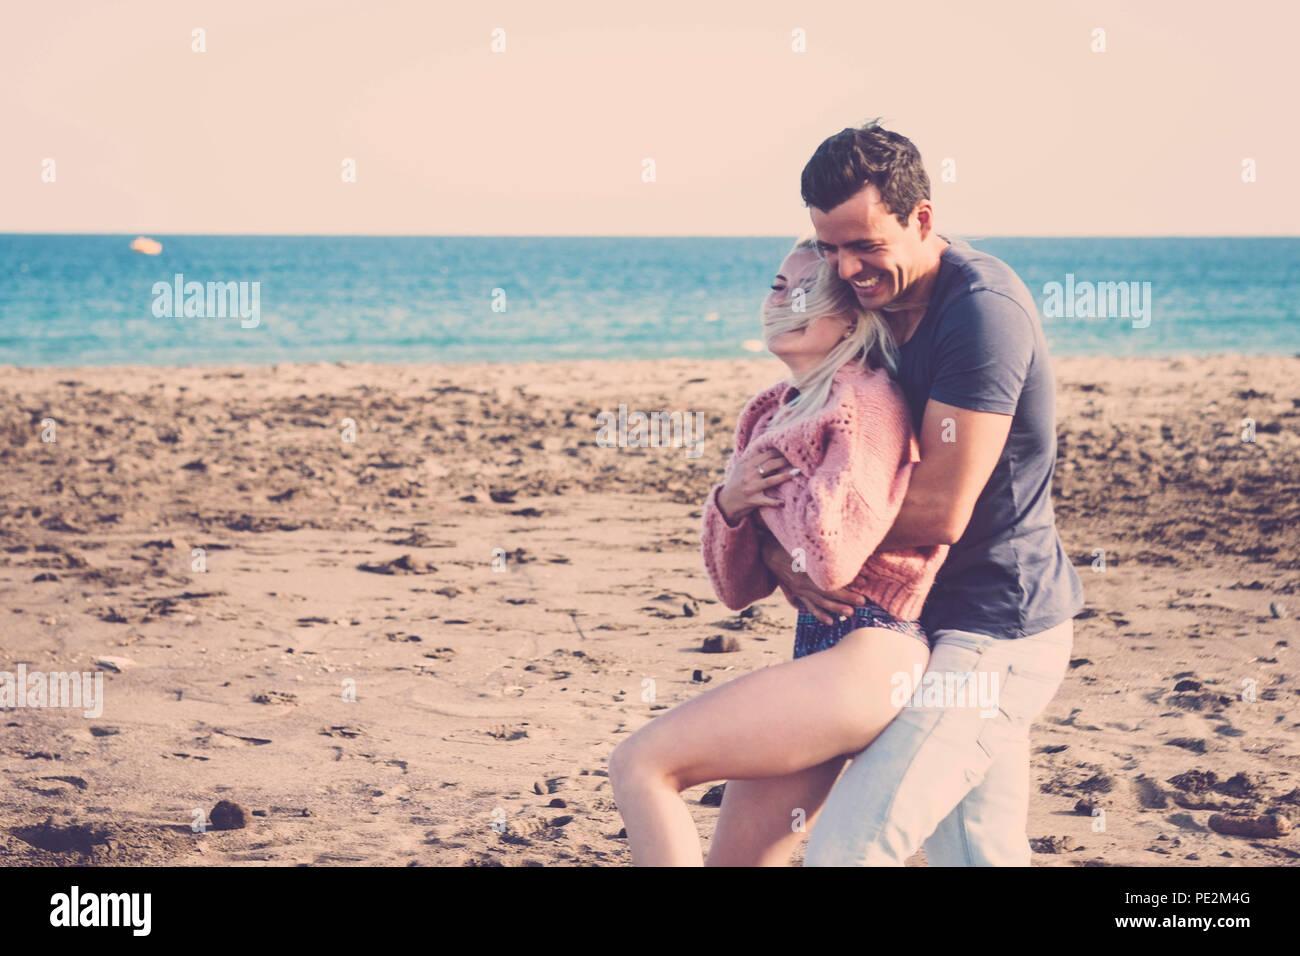 La felicidad verdadera y real a estos jóvenes personas bonitas caras. linda chica rubia y lindo cabello negro chico con gran sonrisa y reír con vistas al océano y a la playa Imagen De Stock